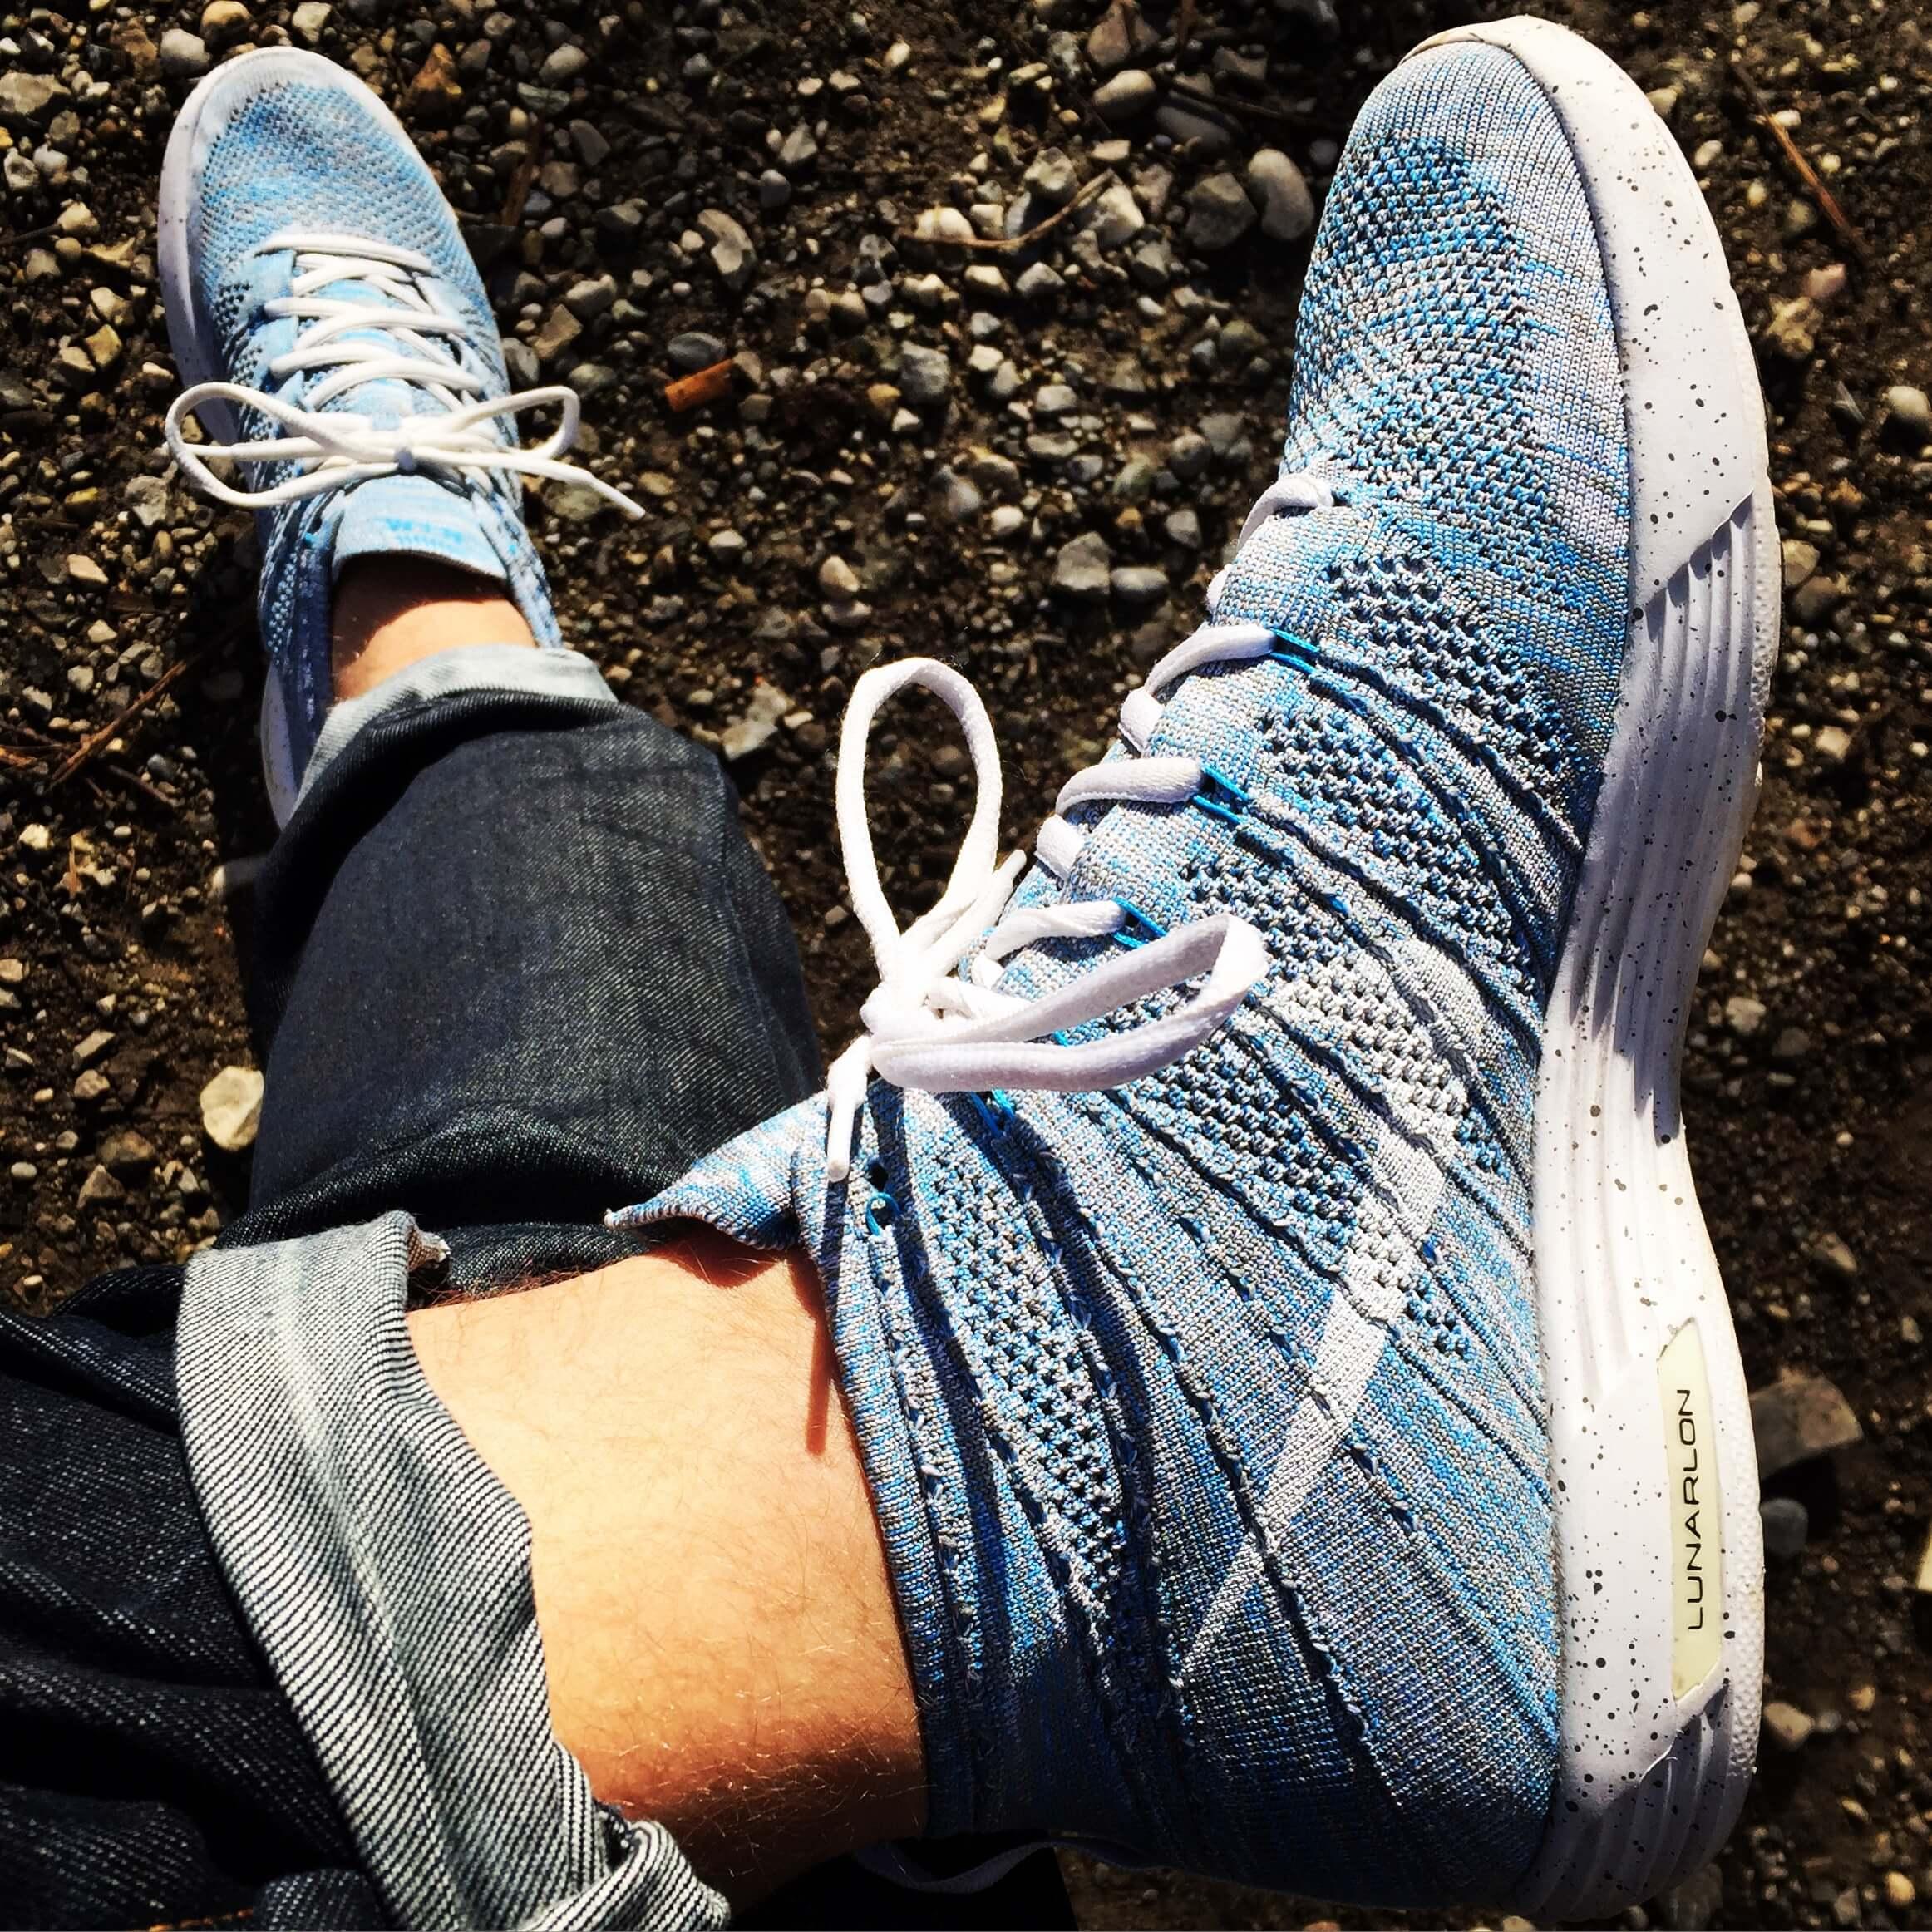 Nike-Lunar-Chukka-HTM-Top-View-Benstah-Onfeet